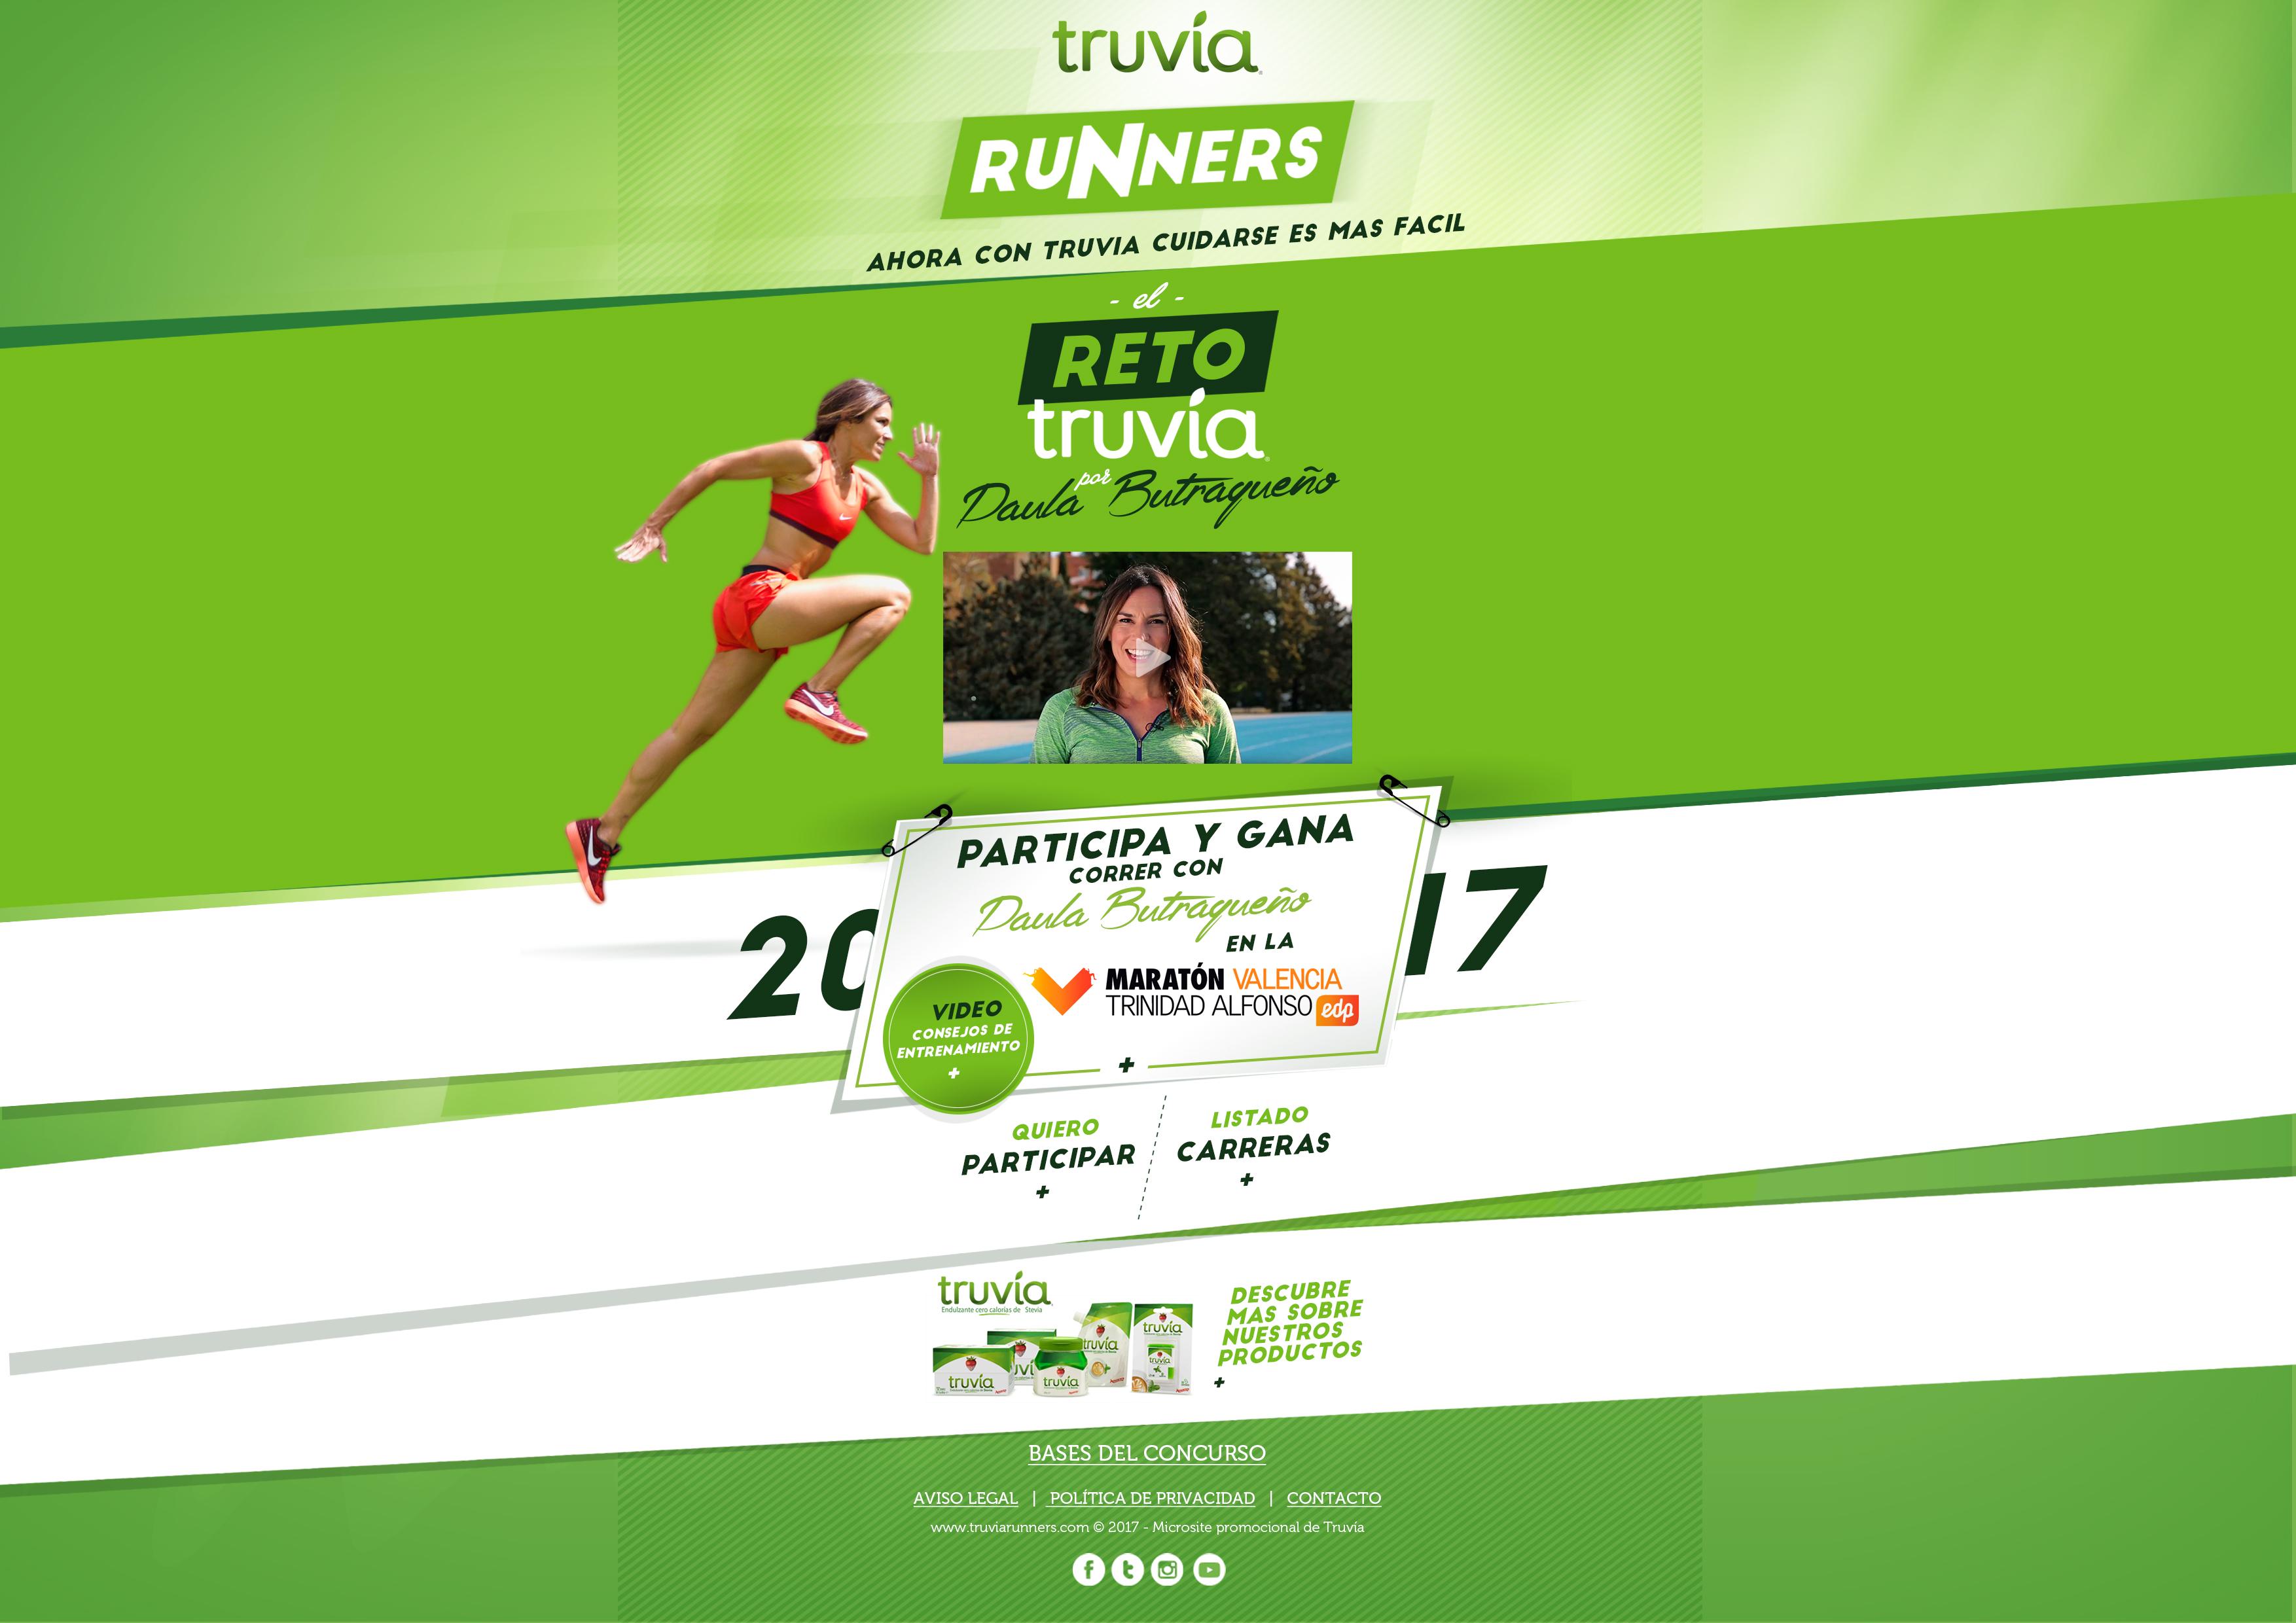 Truvia Runners Challenge